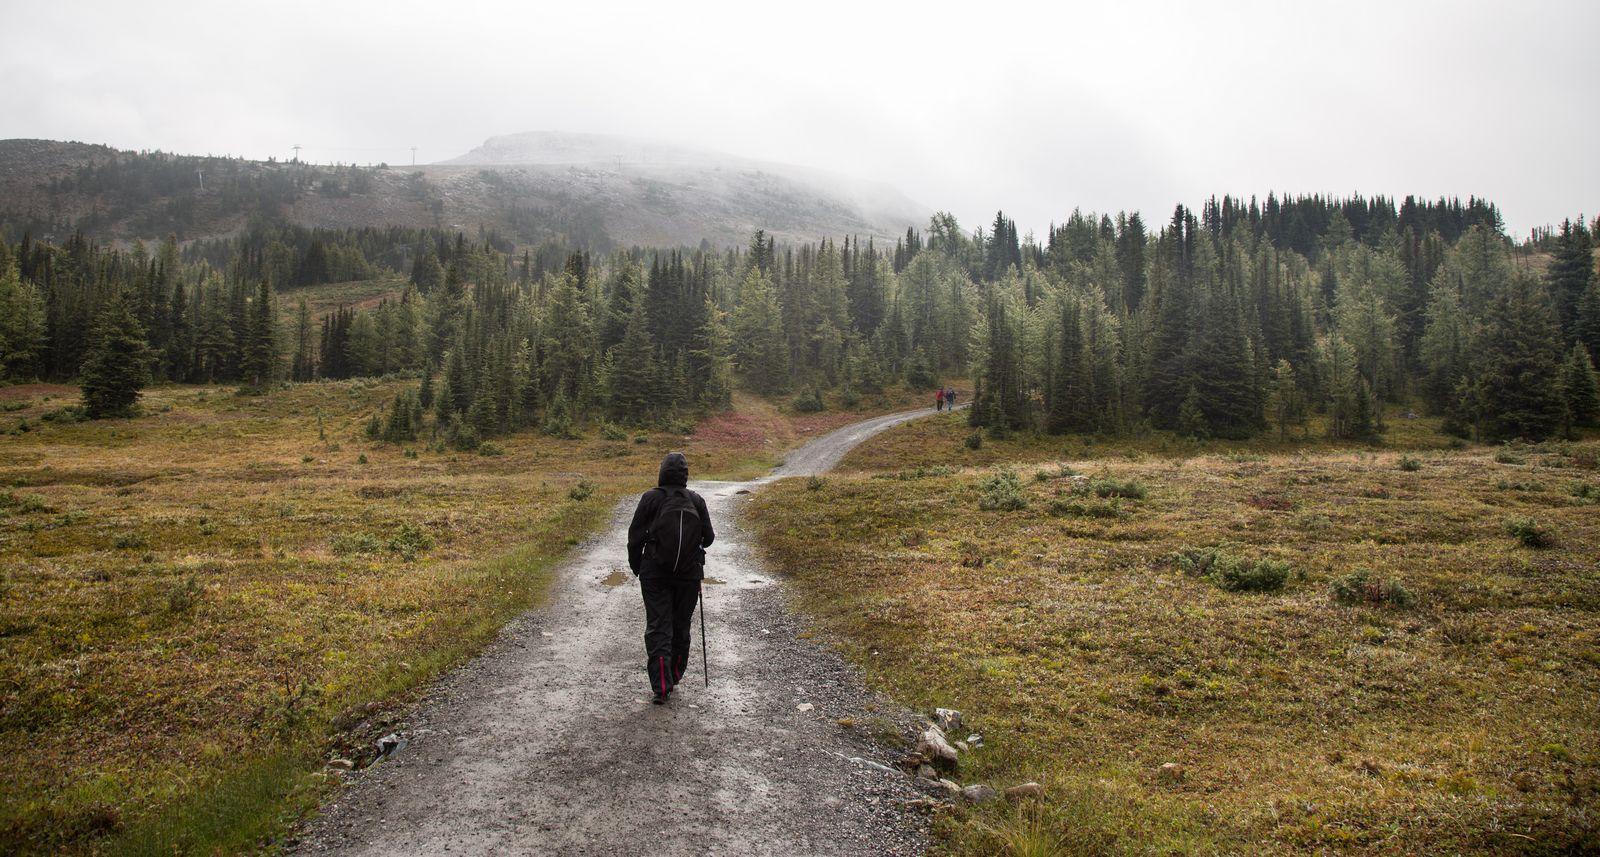 Caminando bajo la niebla